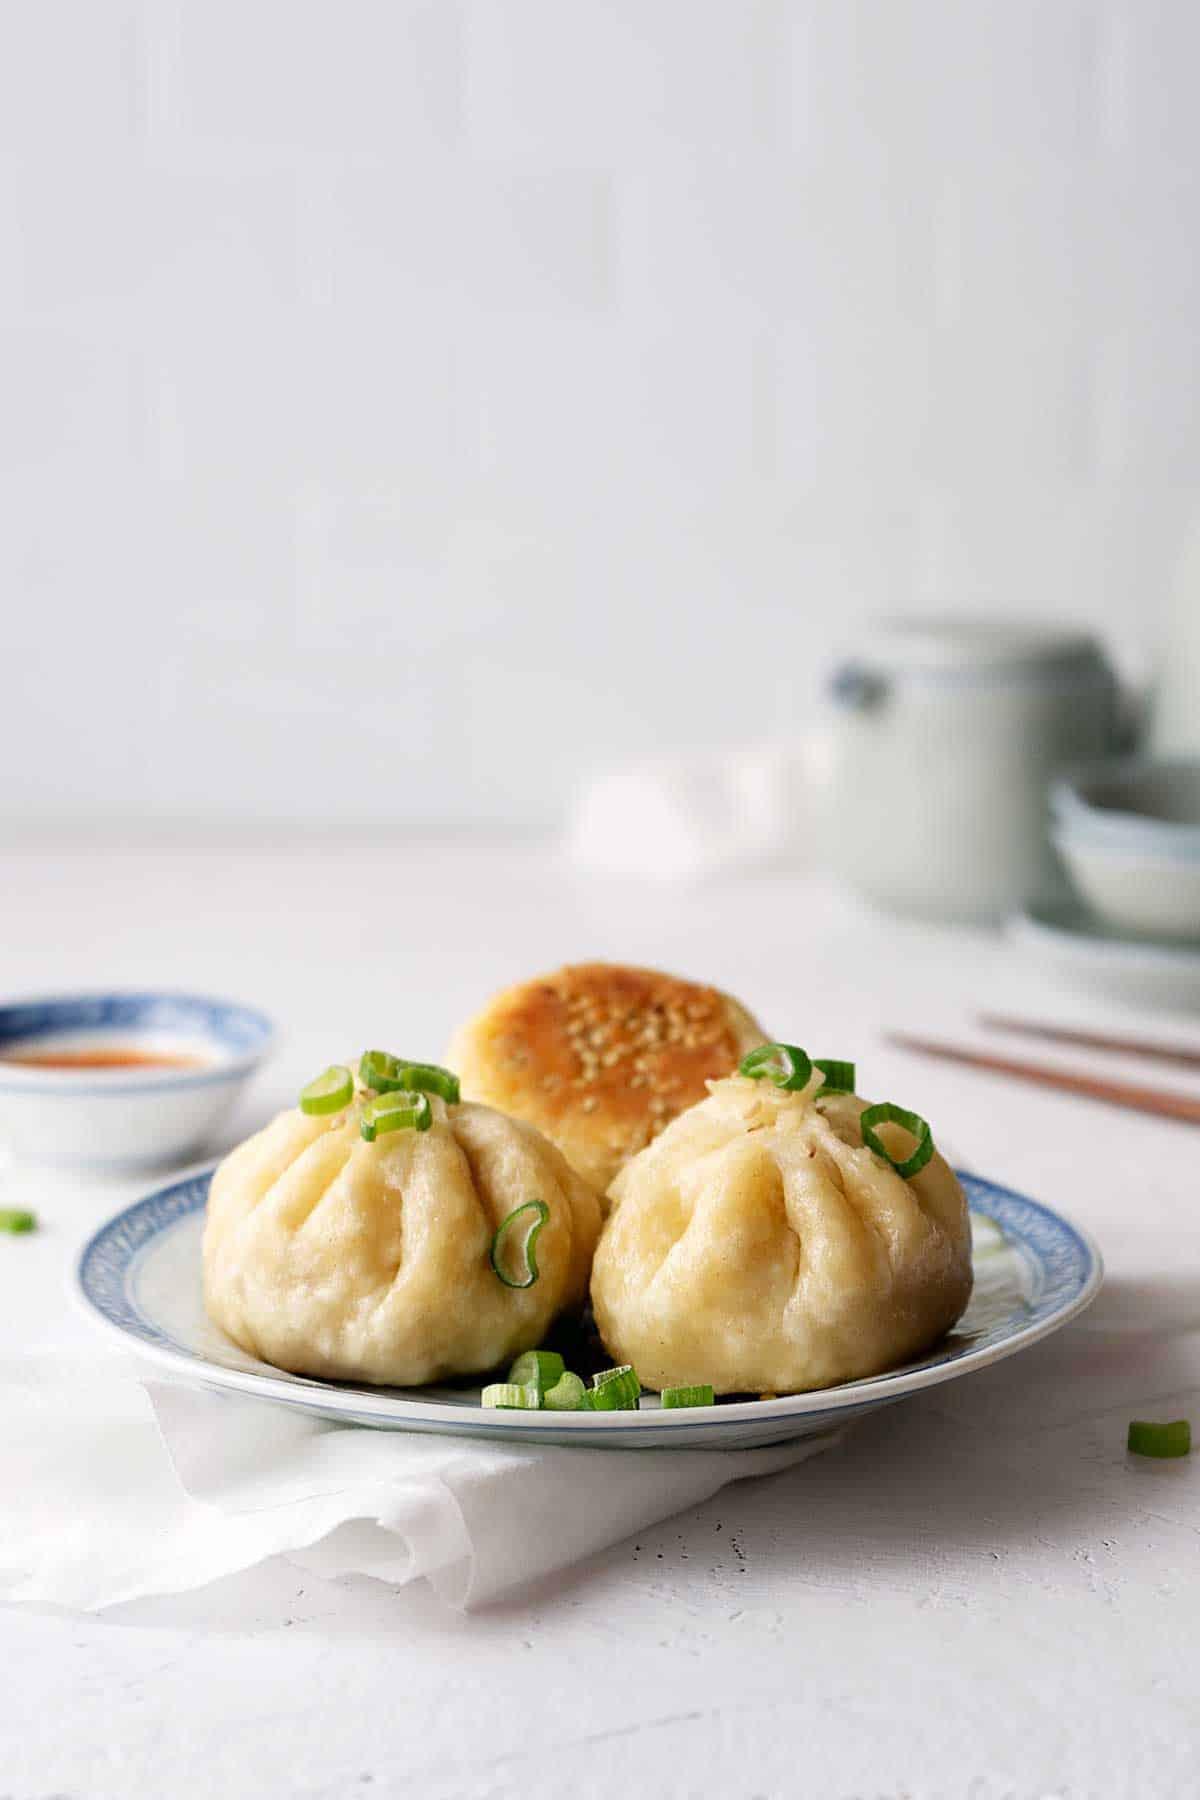 Pan-fried baozi on a plate